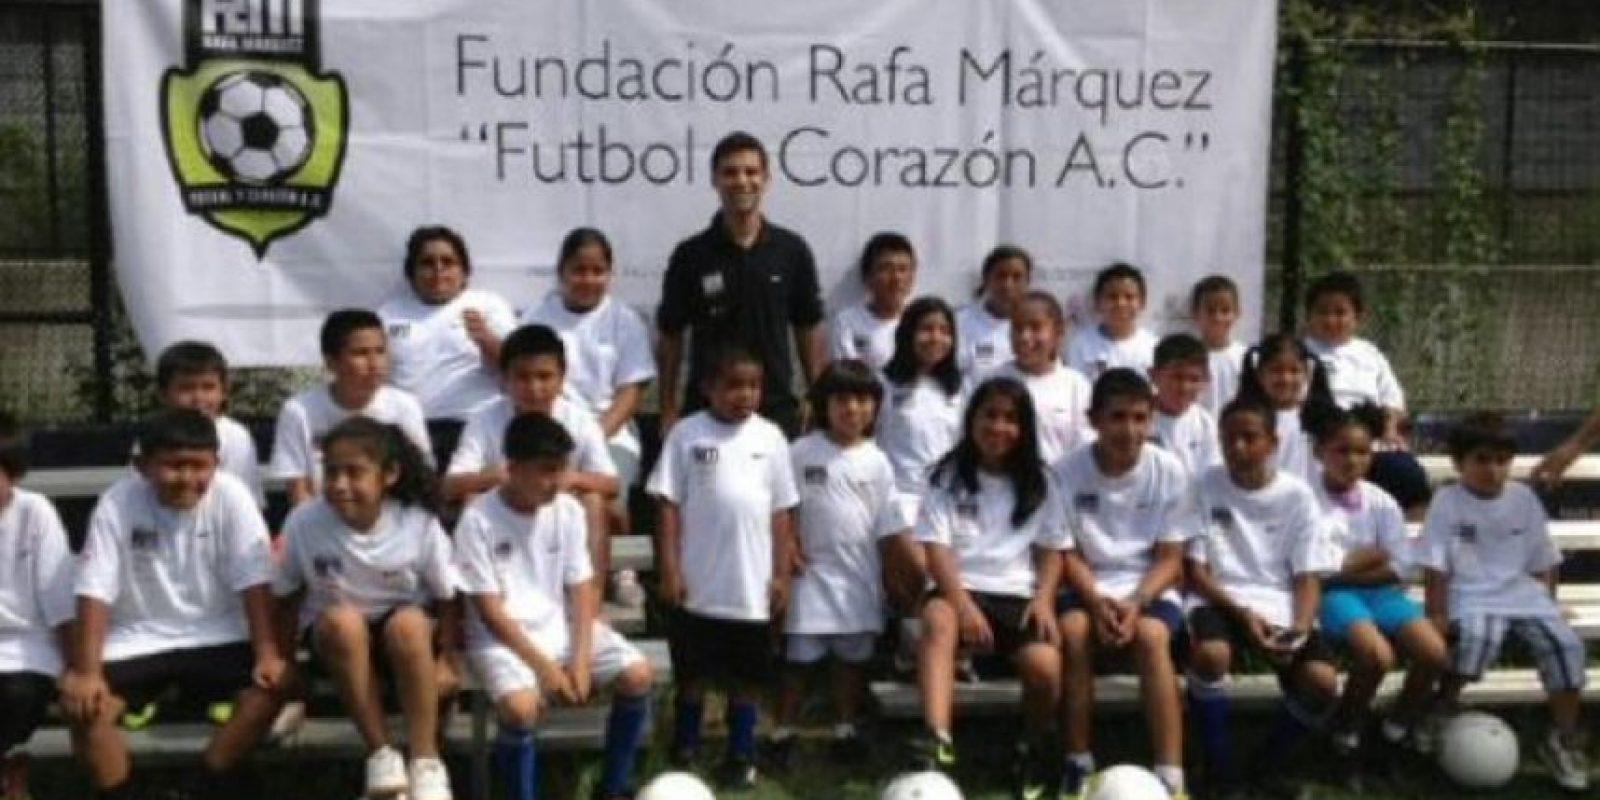 Márquez imparte clínicas de fútbol a pequeños de poblaciones marginadas. Foto:facebook.com/RafaMarquezOficial